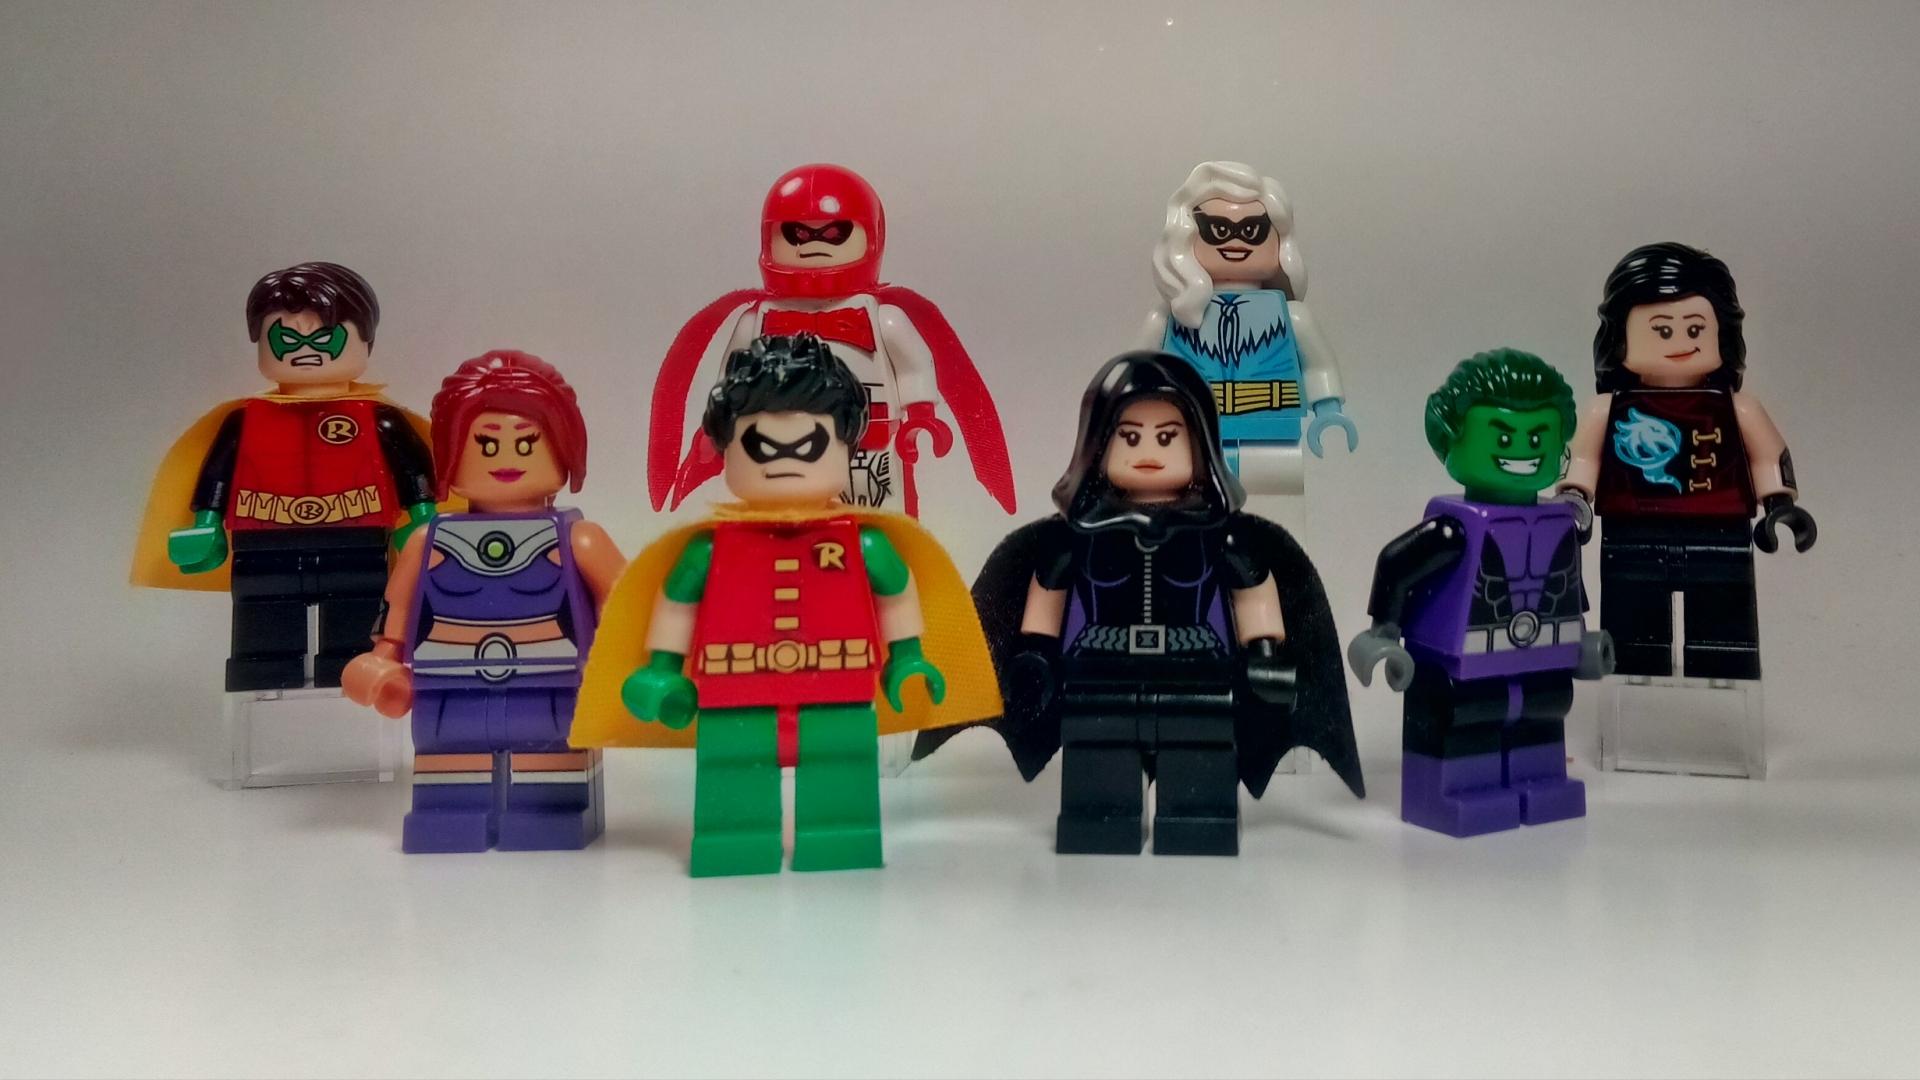 Muñecos de lego de super héroes - 1920x1080